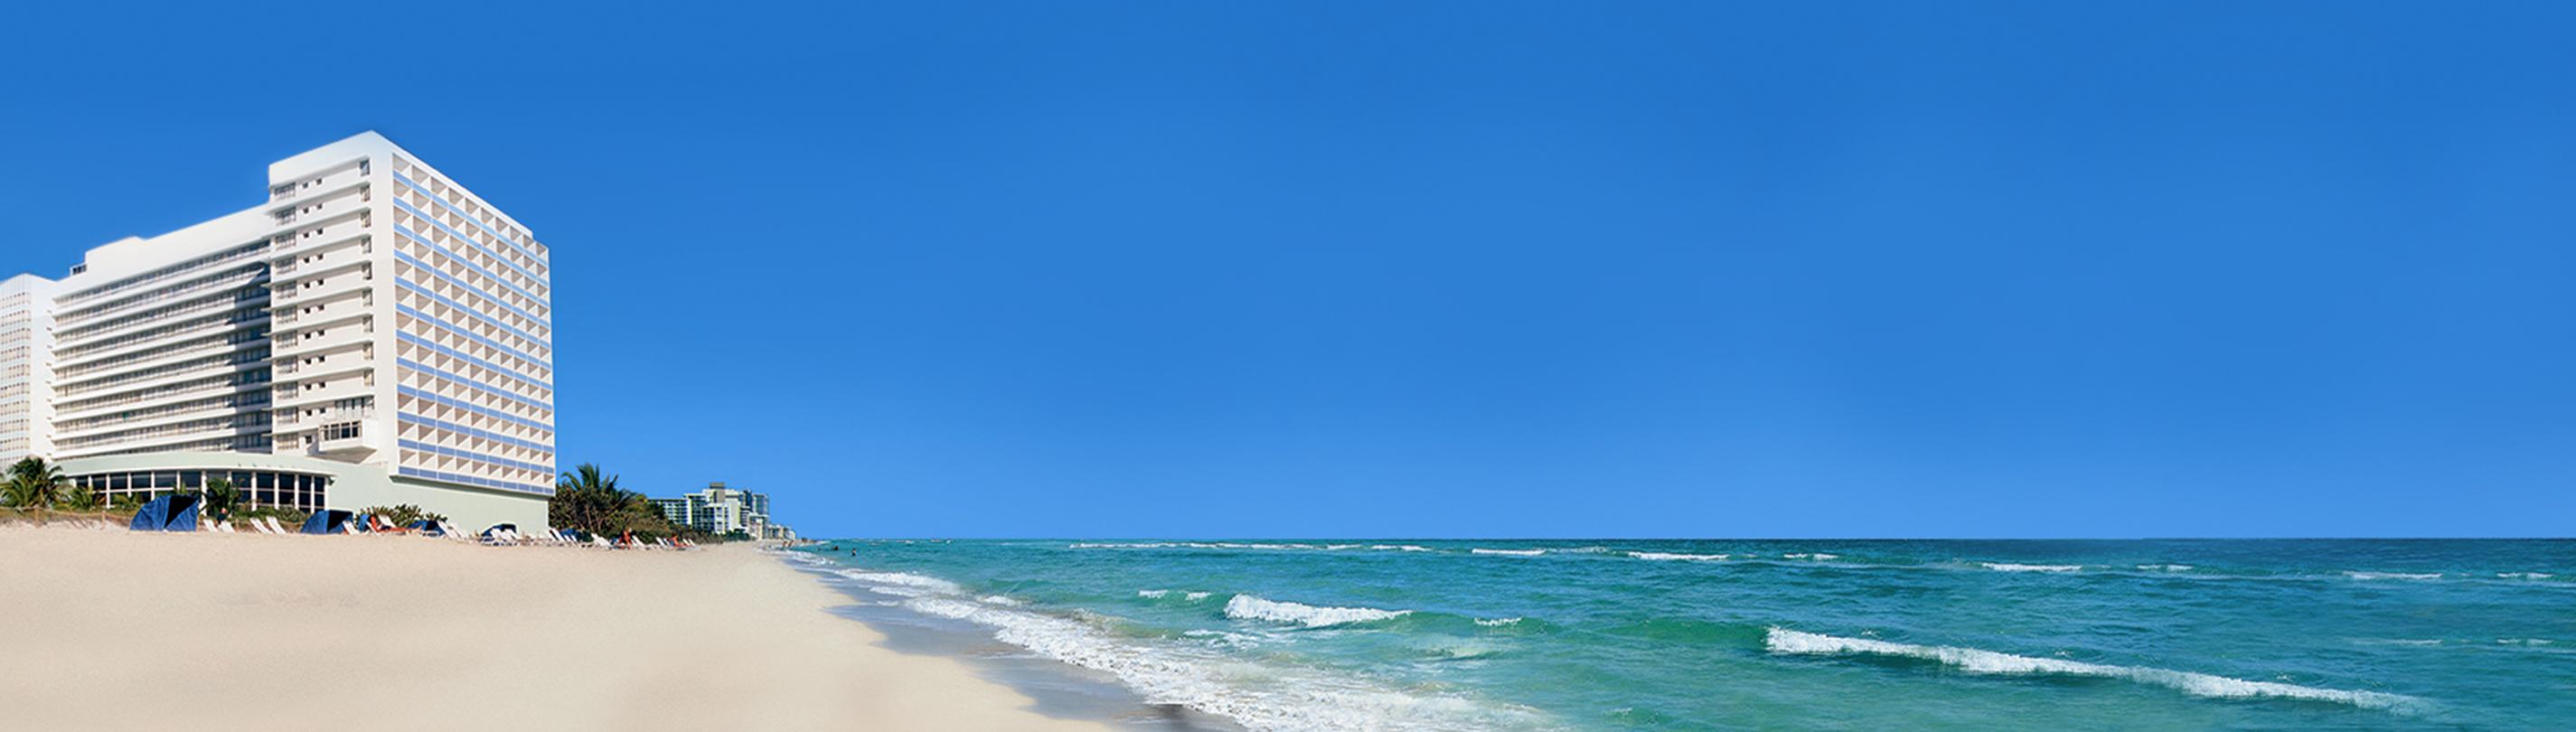 Deauville Beach Resort Miami Beach